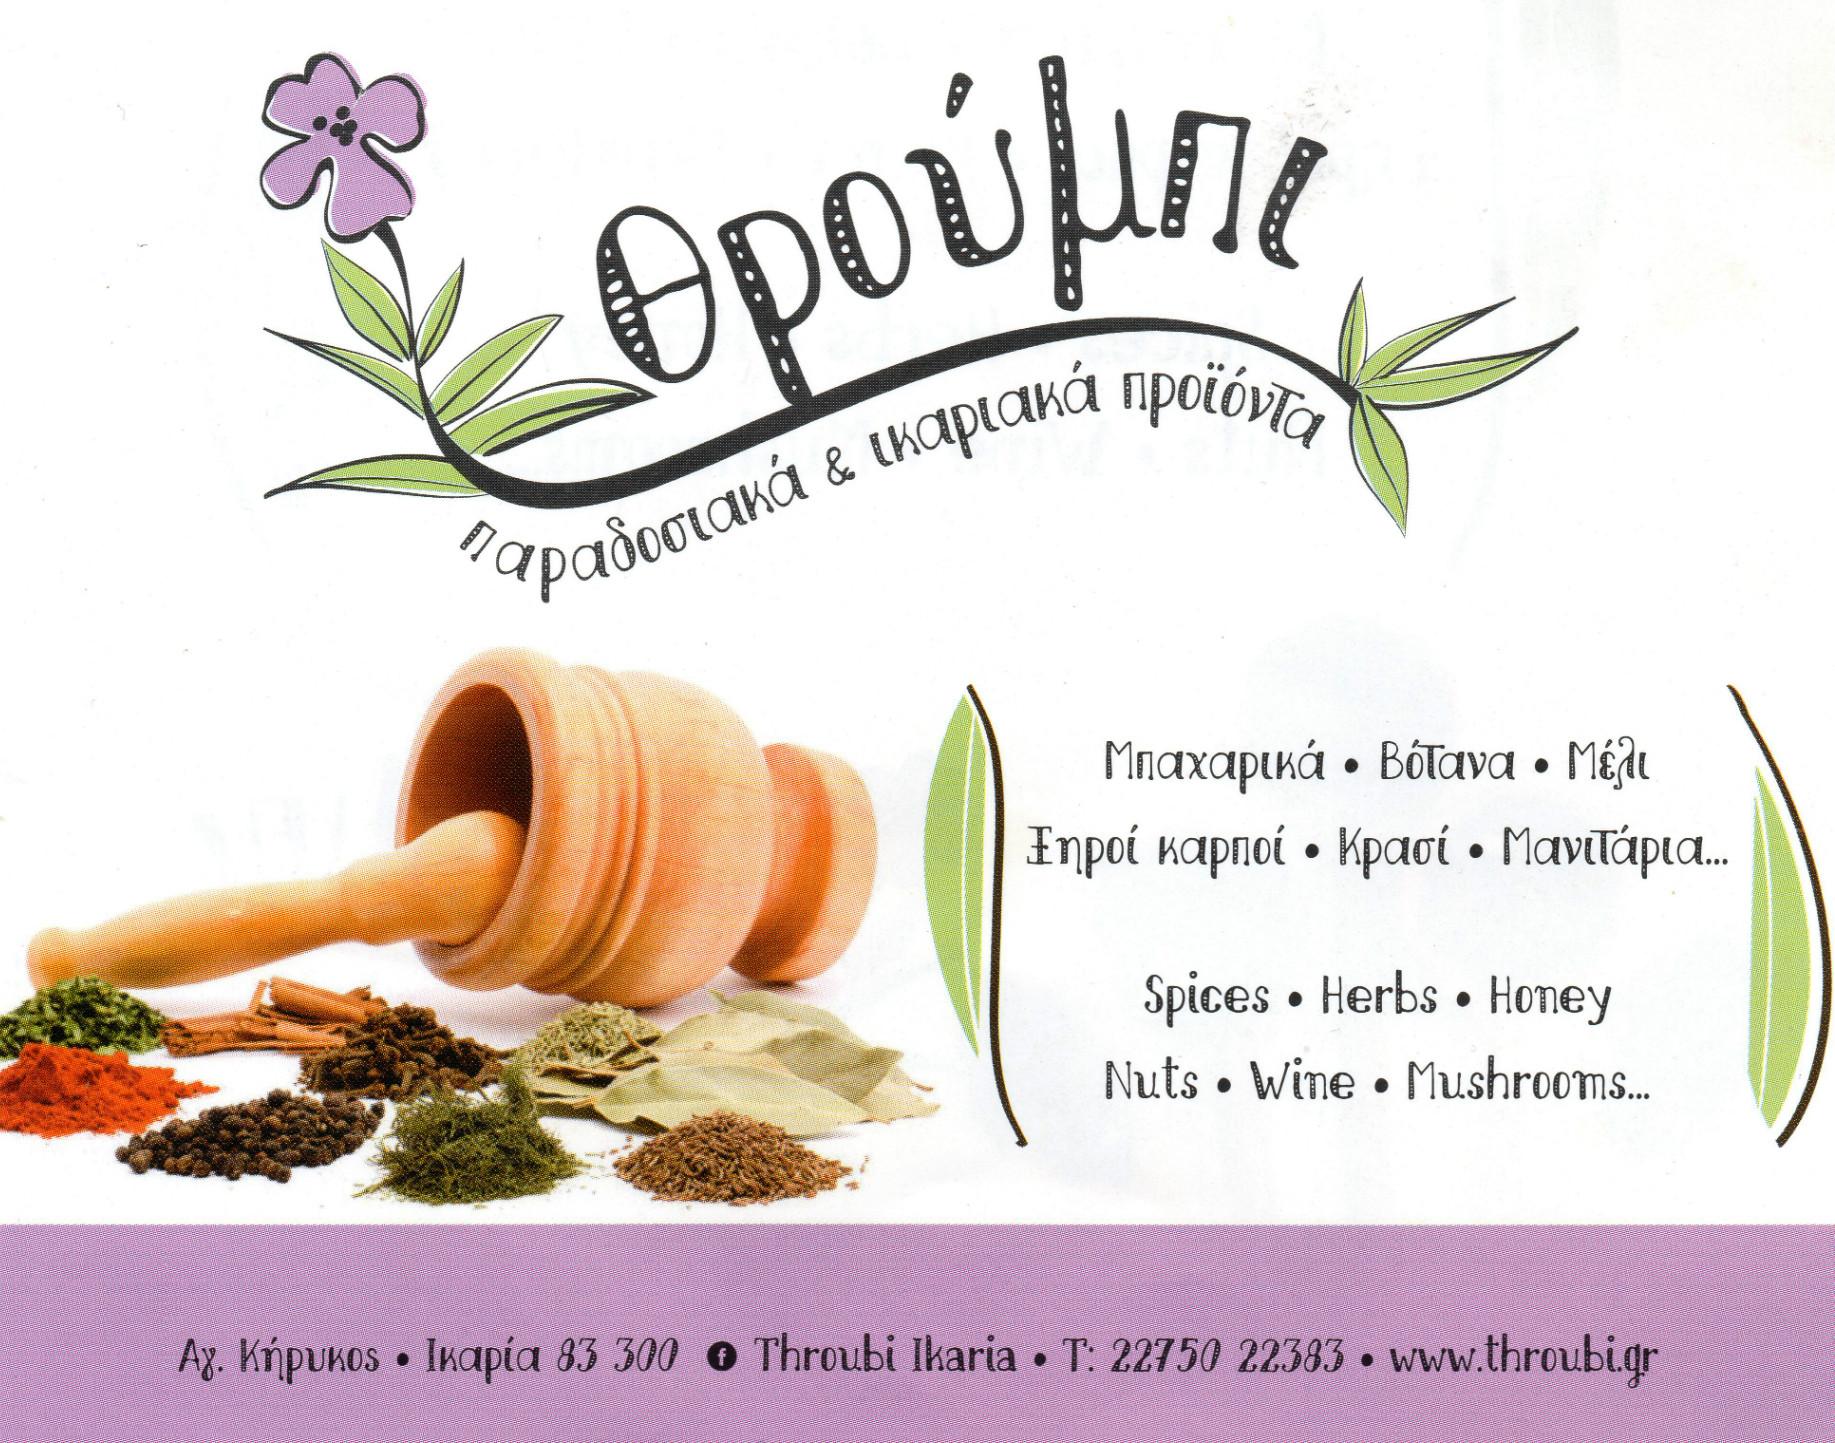 Throubi - Traditional & Ikarian Products  Agios Kyrikos - Ikaria Island